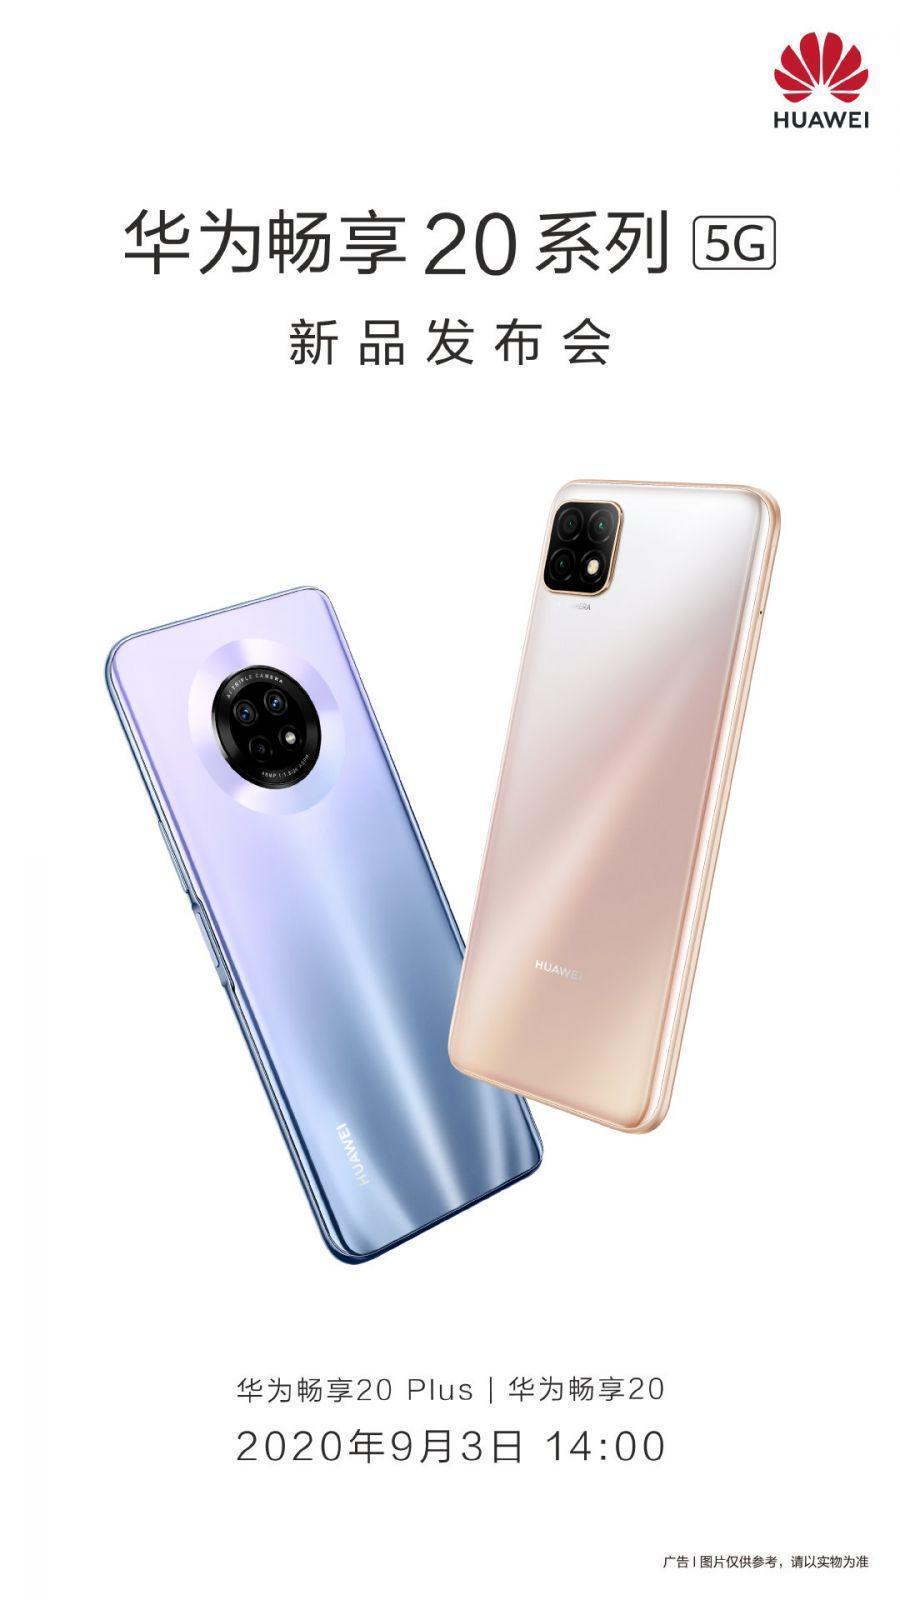 Huawei Enjoy 20 дебютирует 3 сентября (huawei enjoy 20 and enjoy 20 plus september 3 launch)